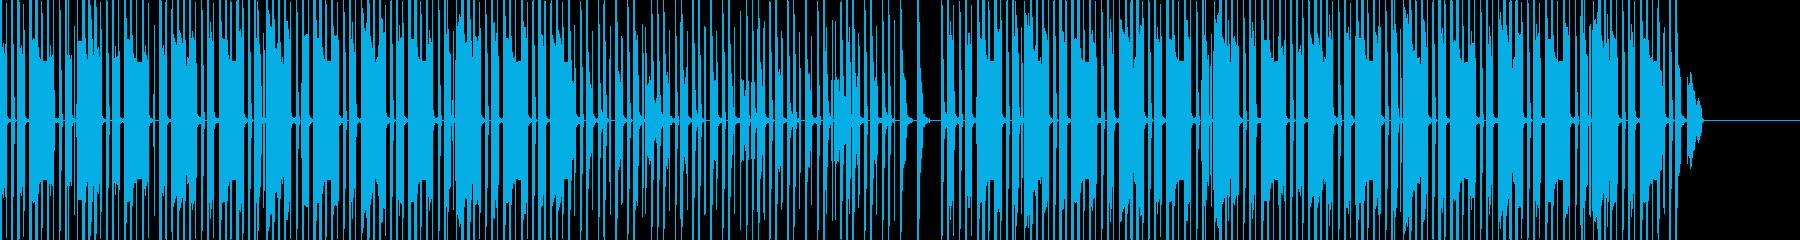 アニメやゲームで汎用性が高い音楽/BGMの再生済みの波形